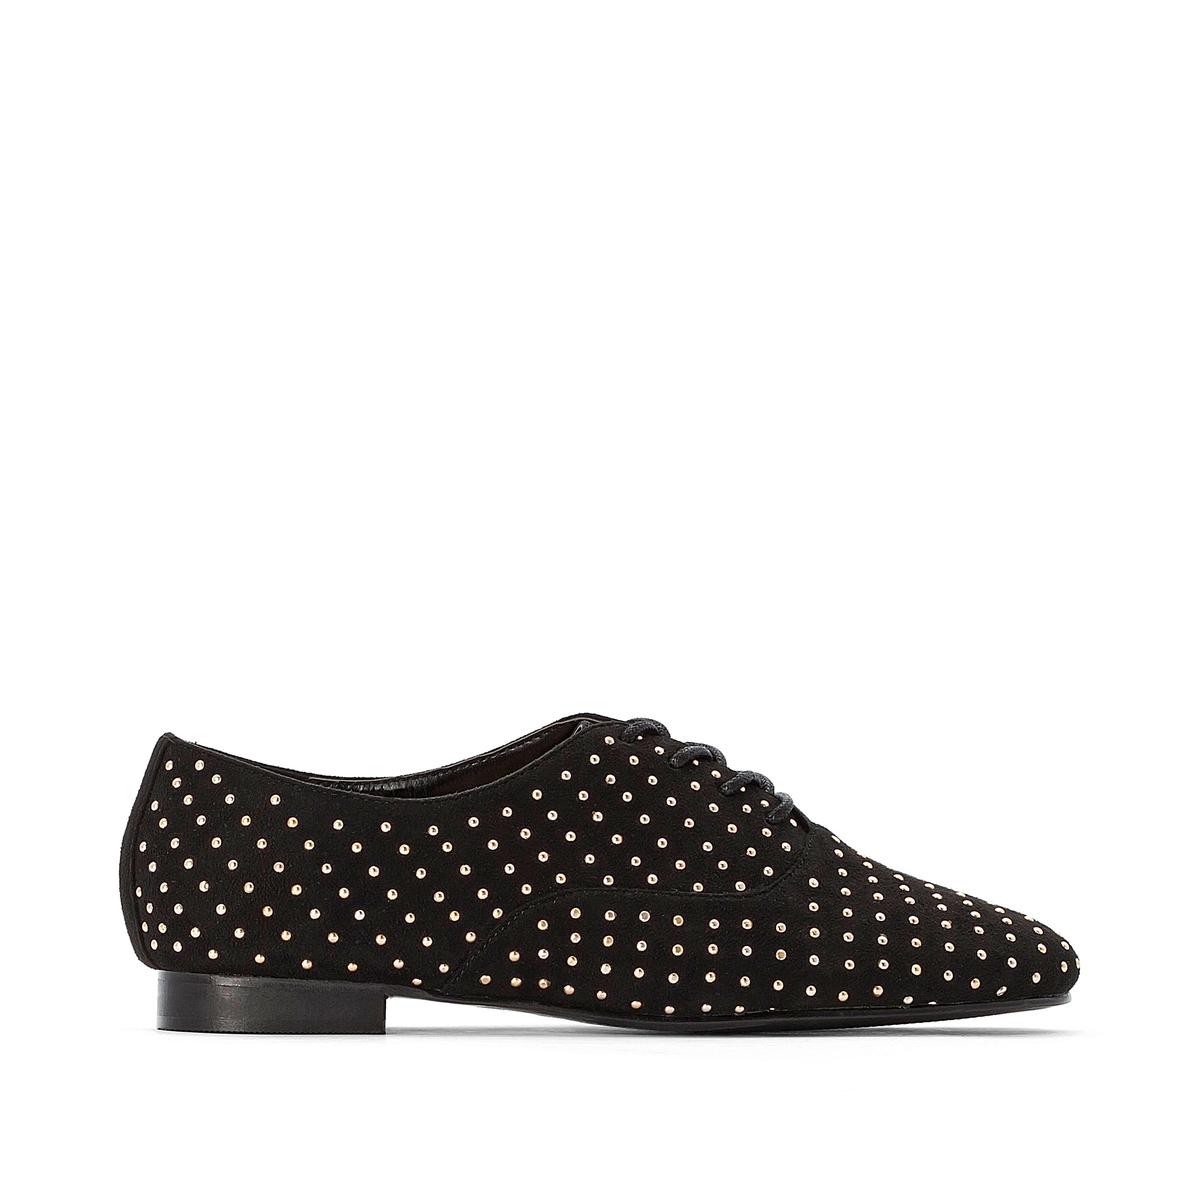 Ботинки-дерби La Redoute На шнуровке с заклепками золотистого цвета 38 черный ботинки la redoute на шнуровке 38 белый